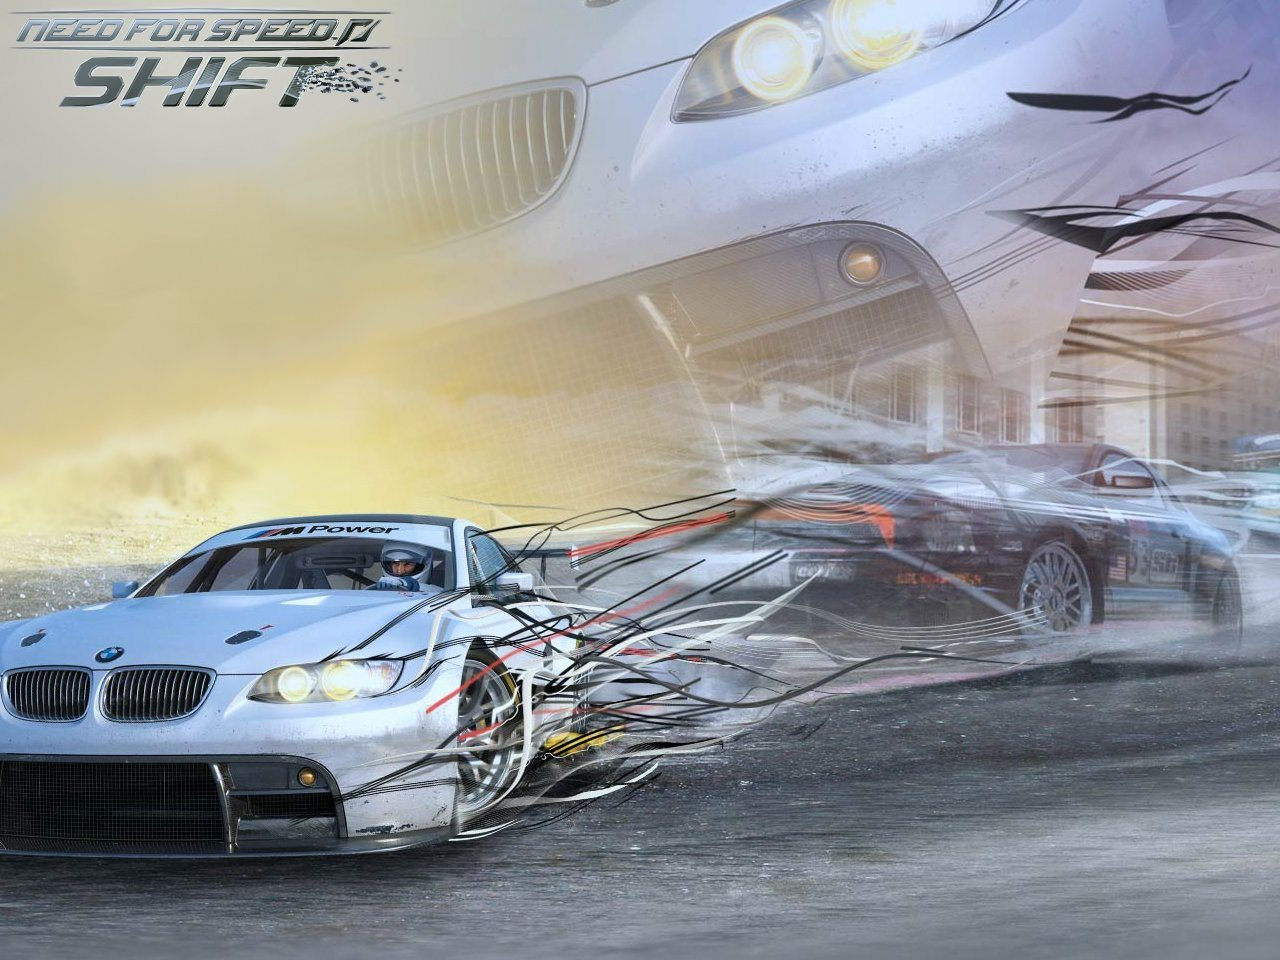 спортивный автомобиль игры need for speed shift скачать